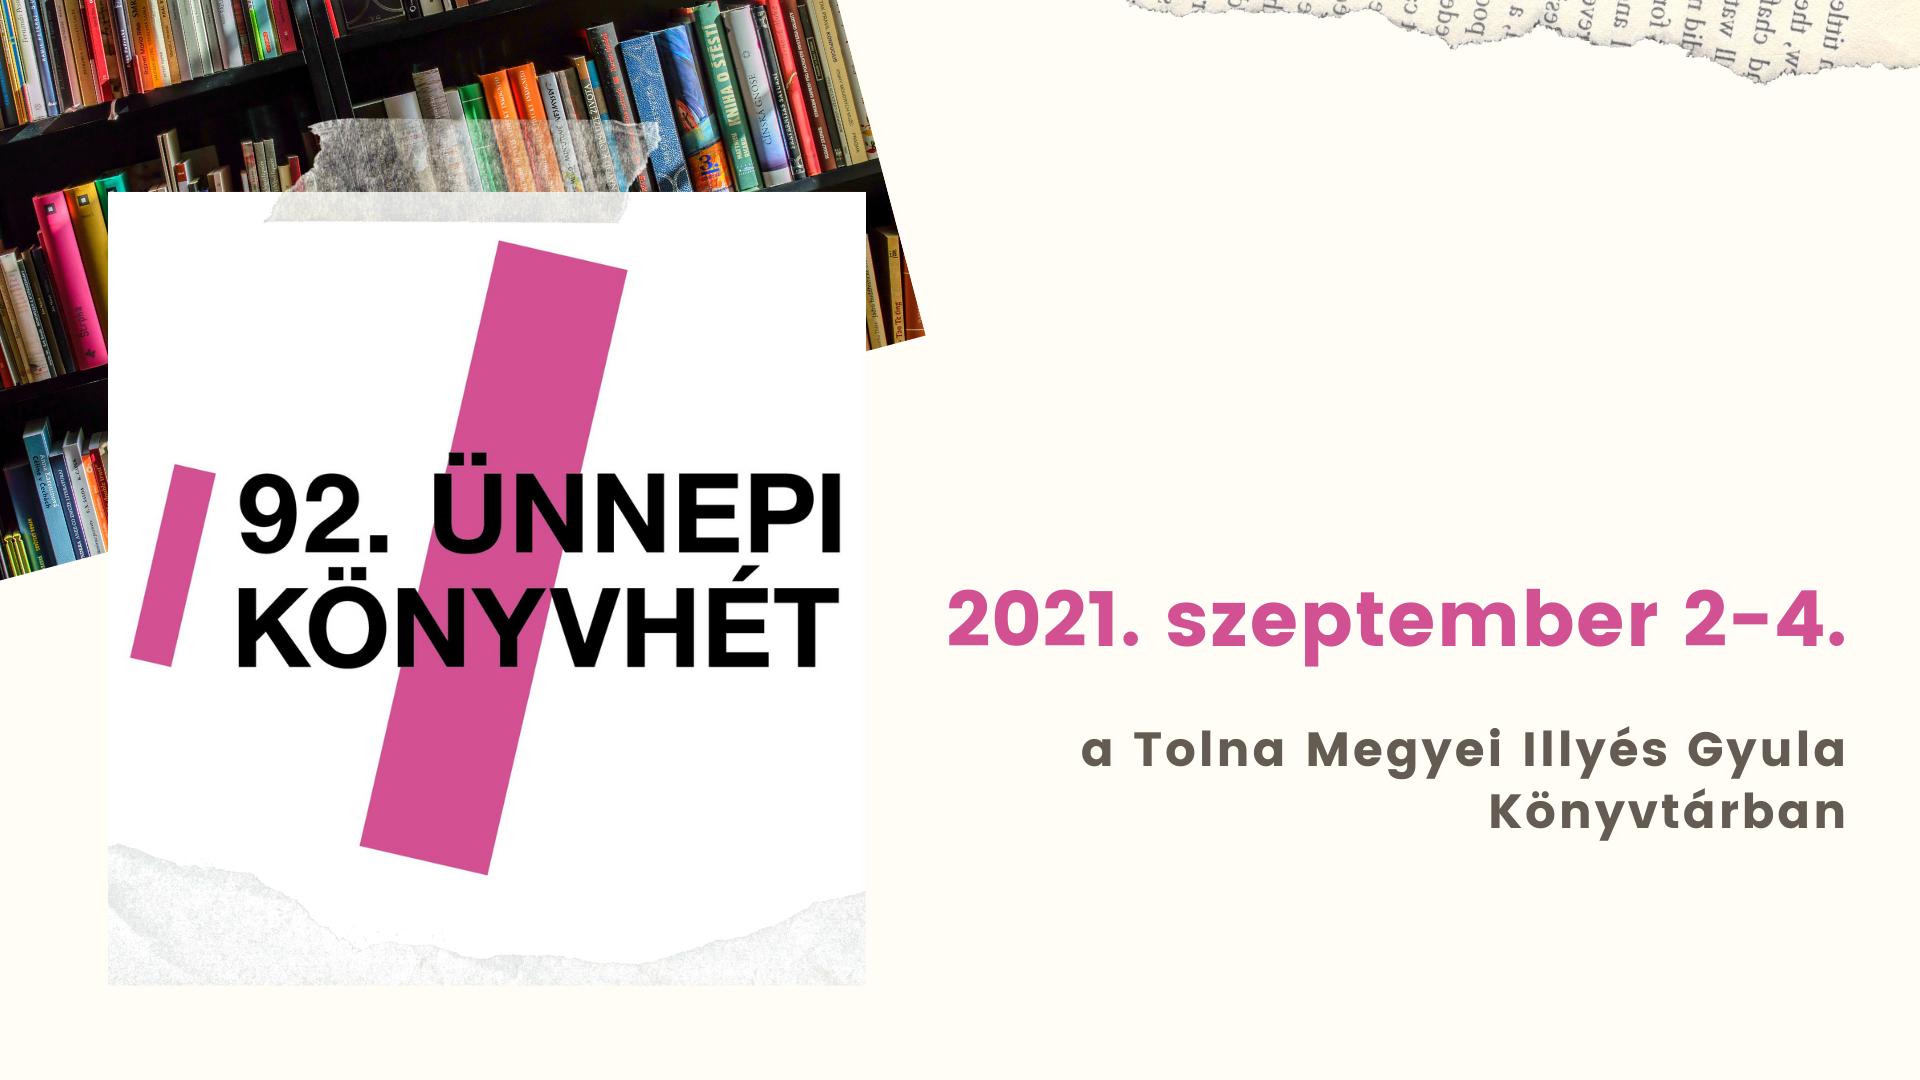 92. Ünnepi Könyvhét – 2021. szeptember 2-4.